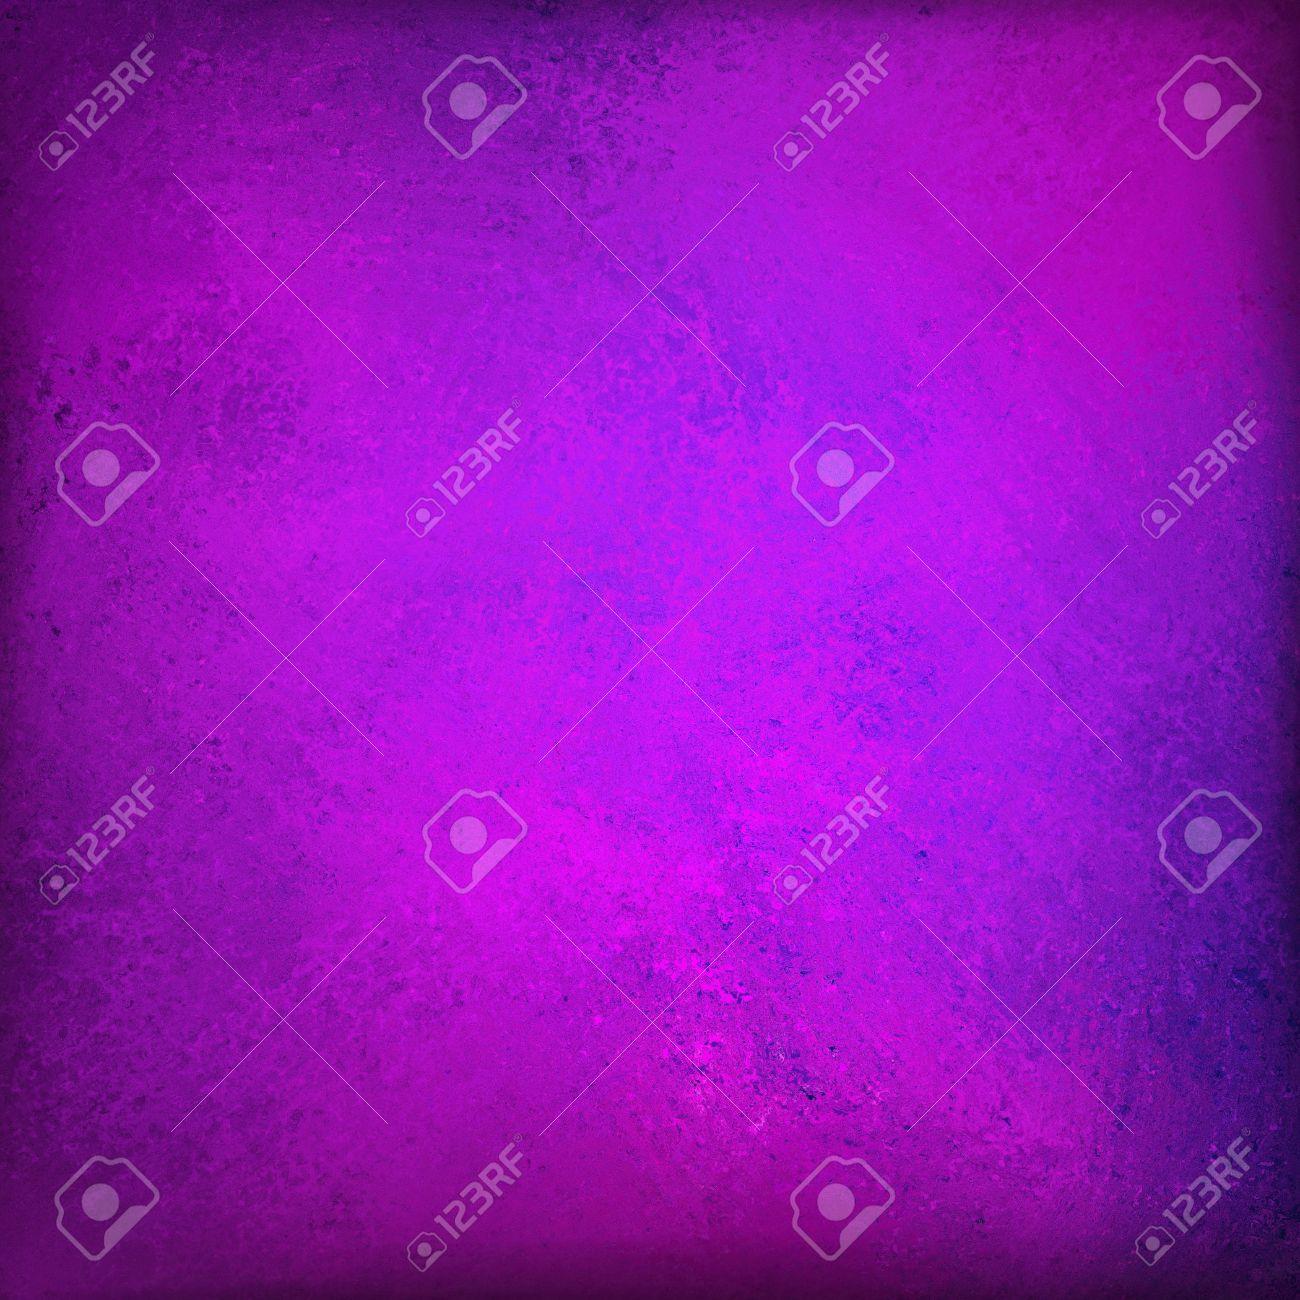 Resumen De Fondo Morado Rosado Color De La Vendimia Del Grunge ...